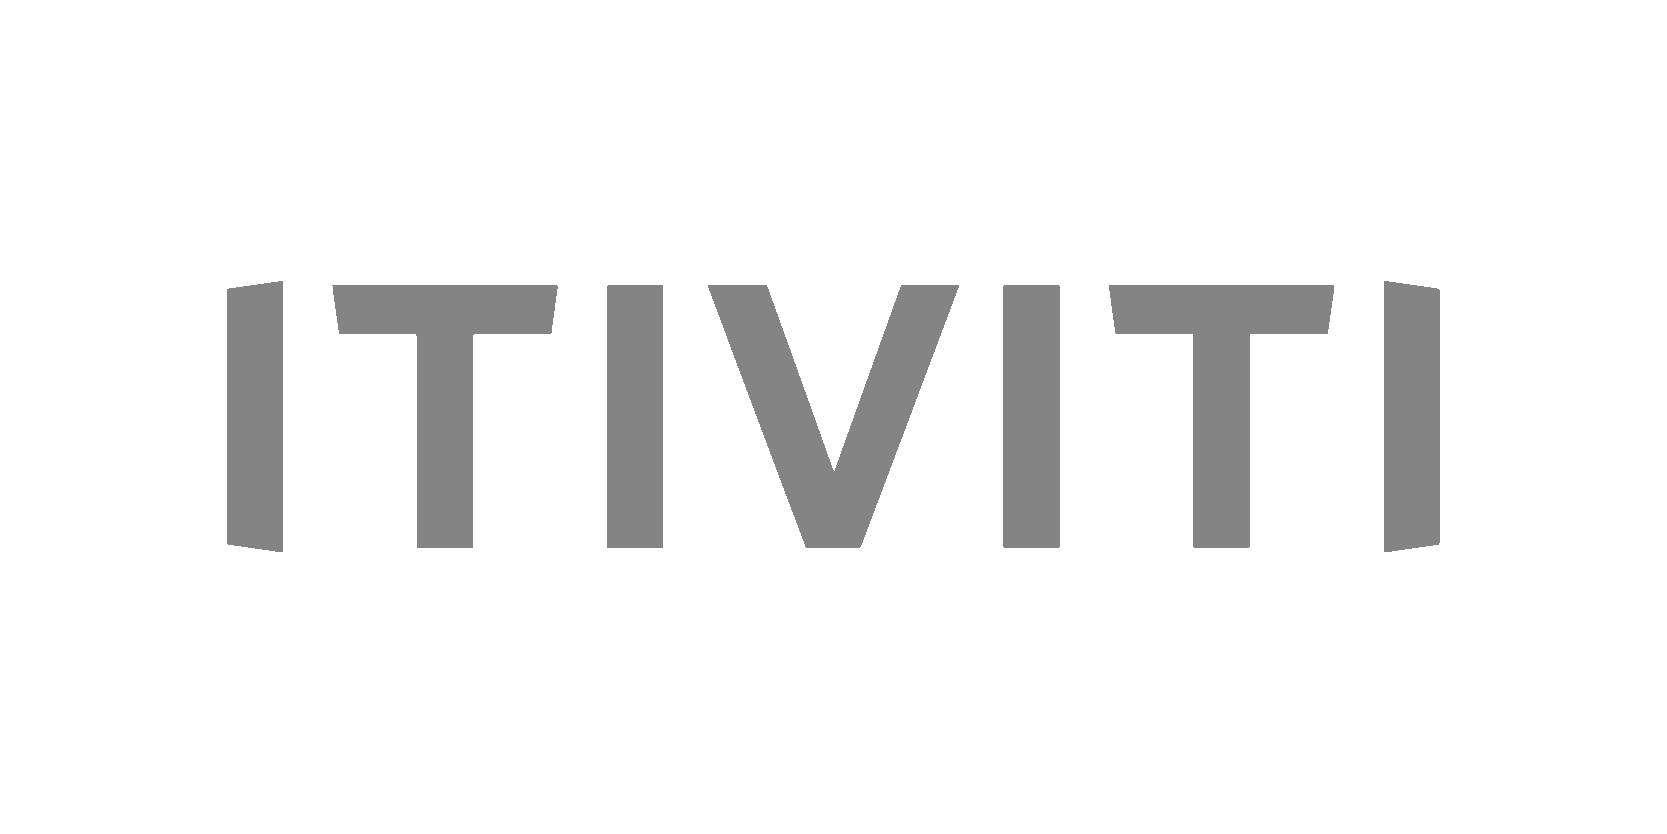 Itiviti-small-widescreen-01